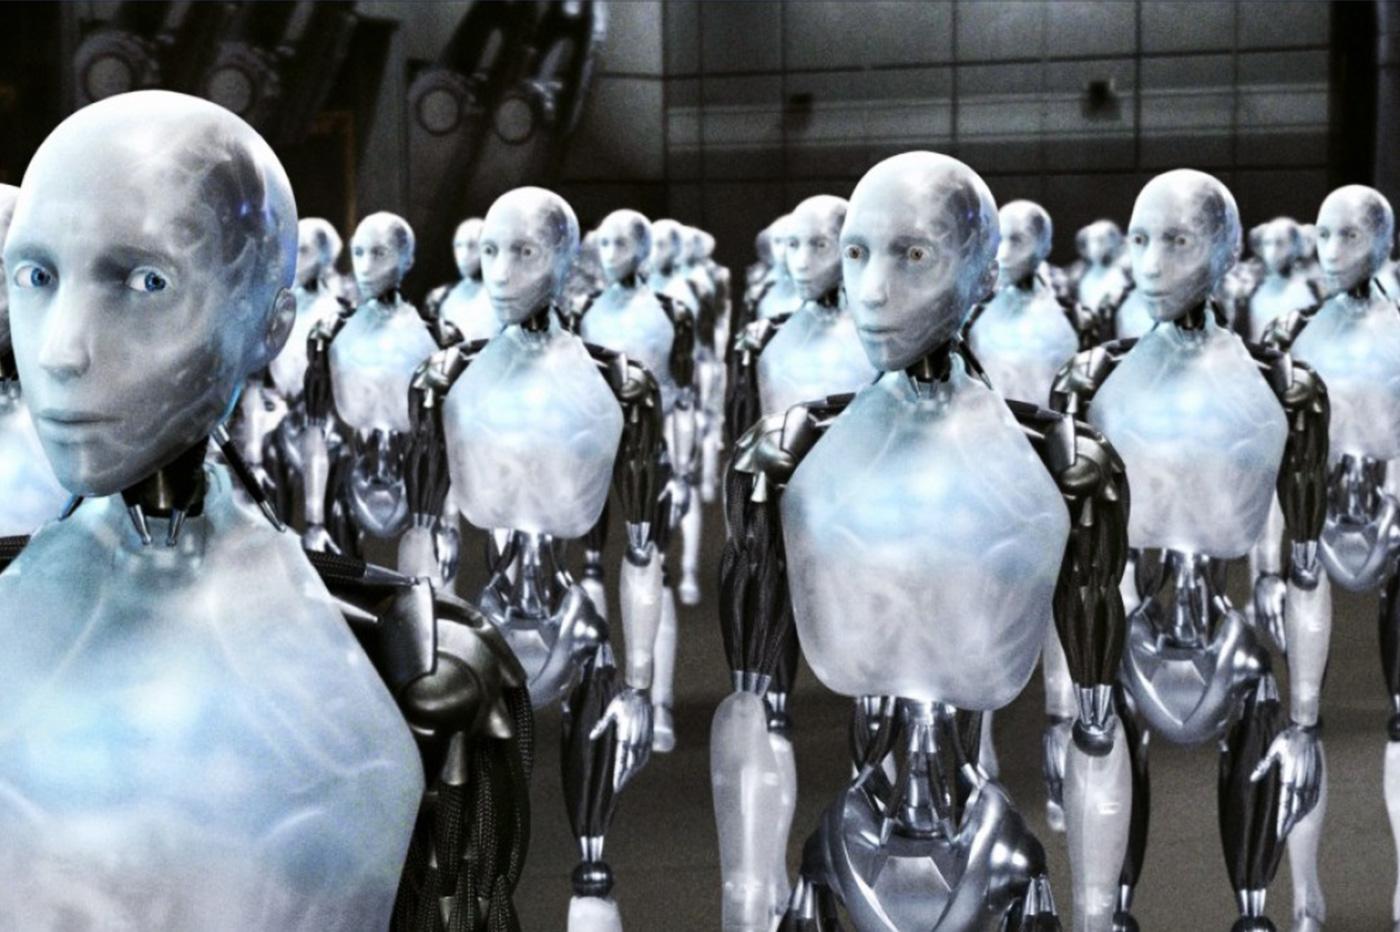 Un député LREM veut inscrire une référence aux Lois de la robotique dans la Constitution